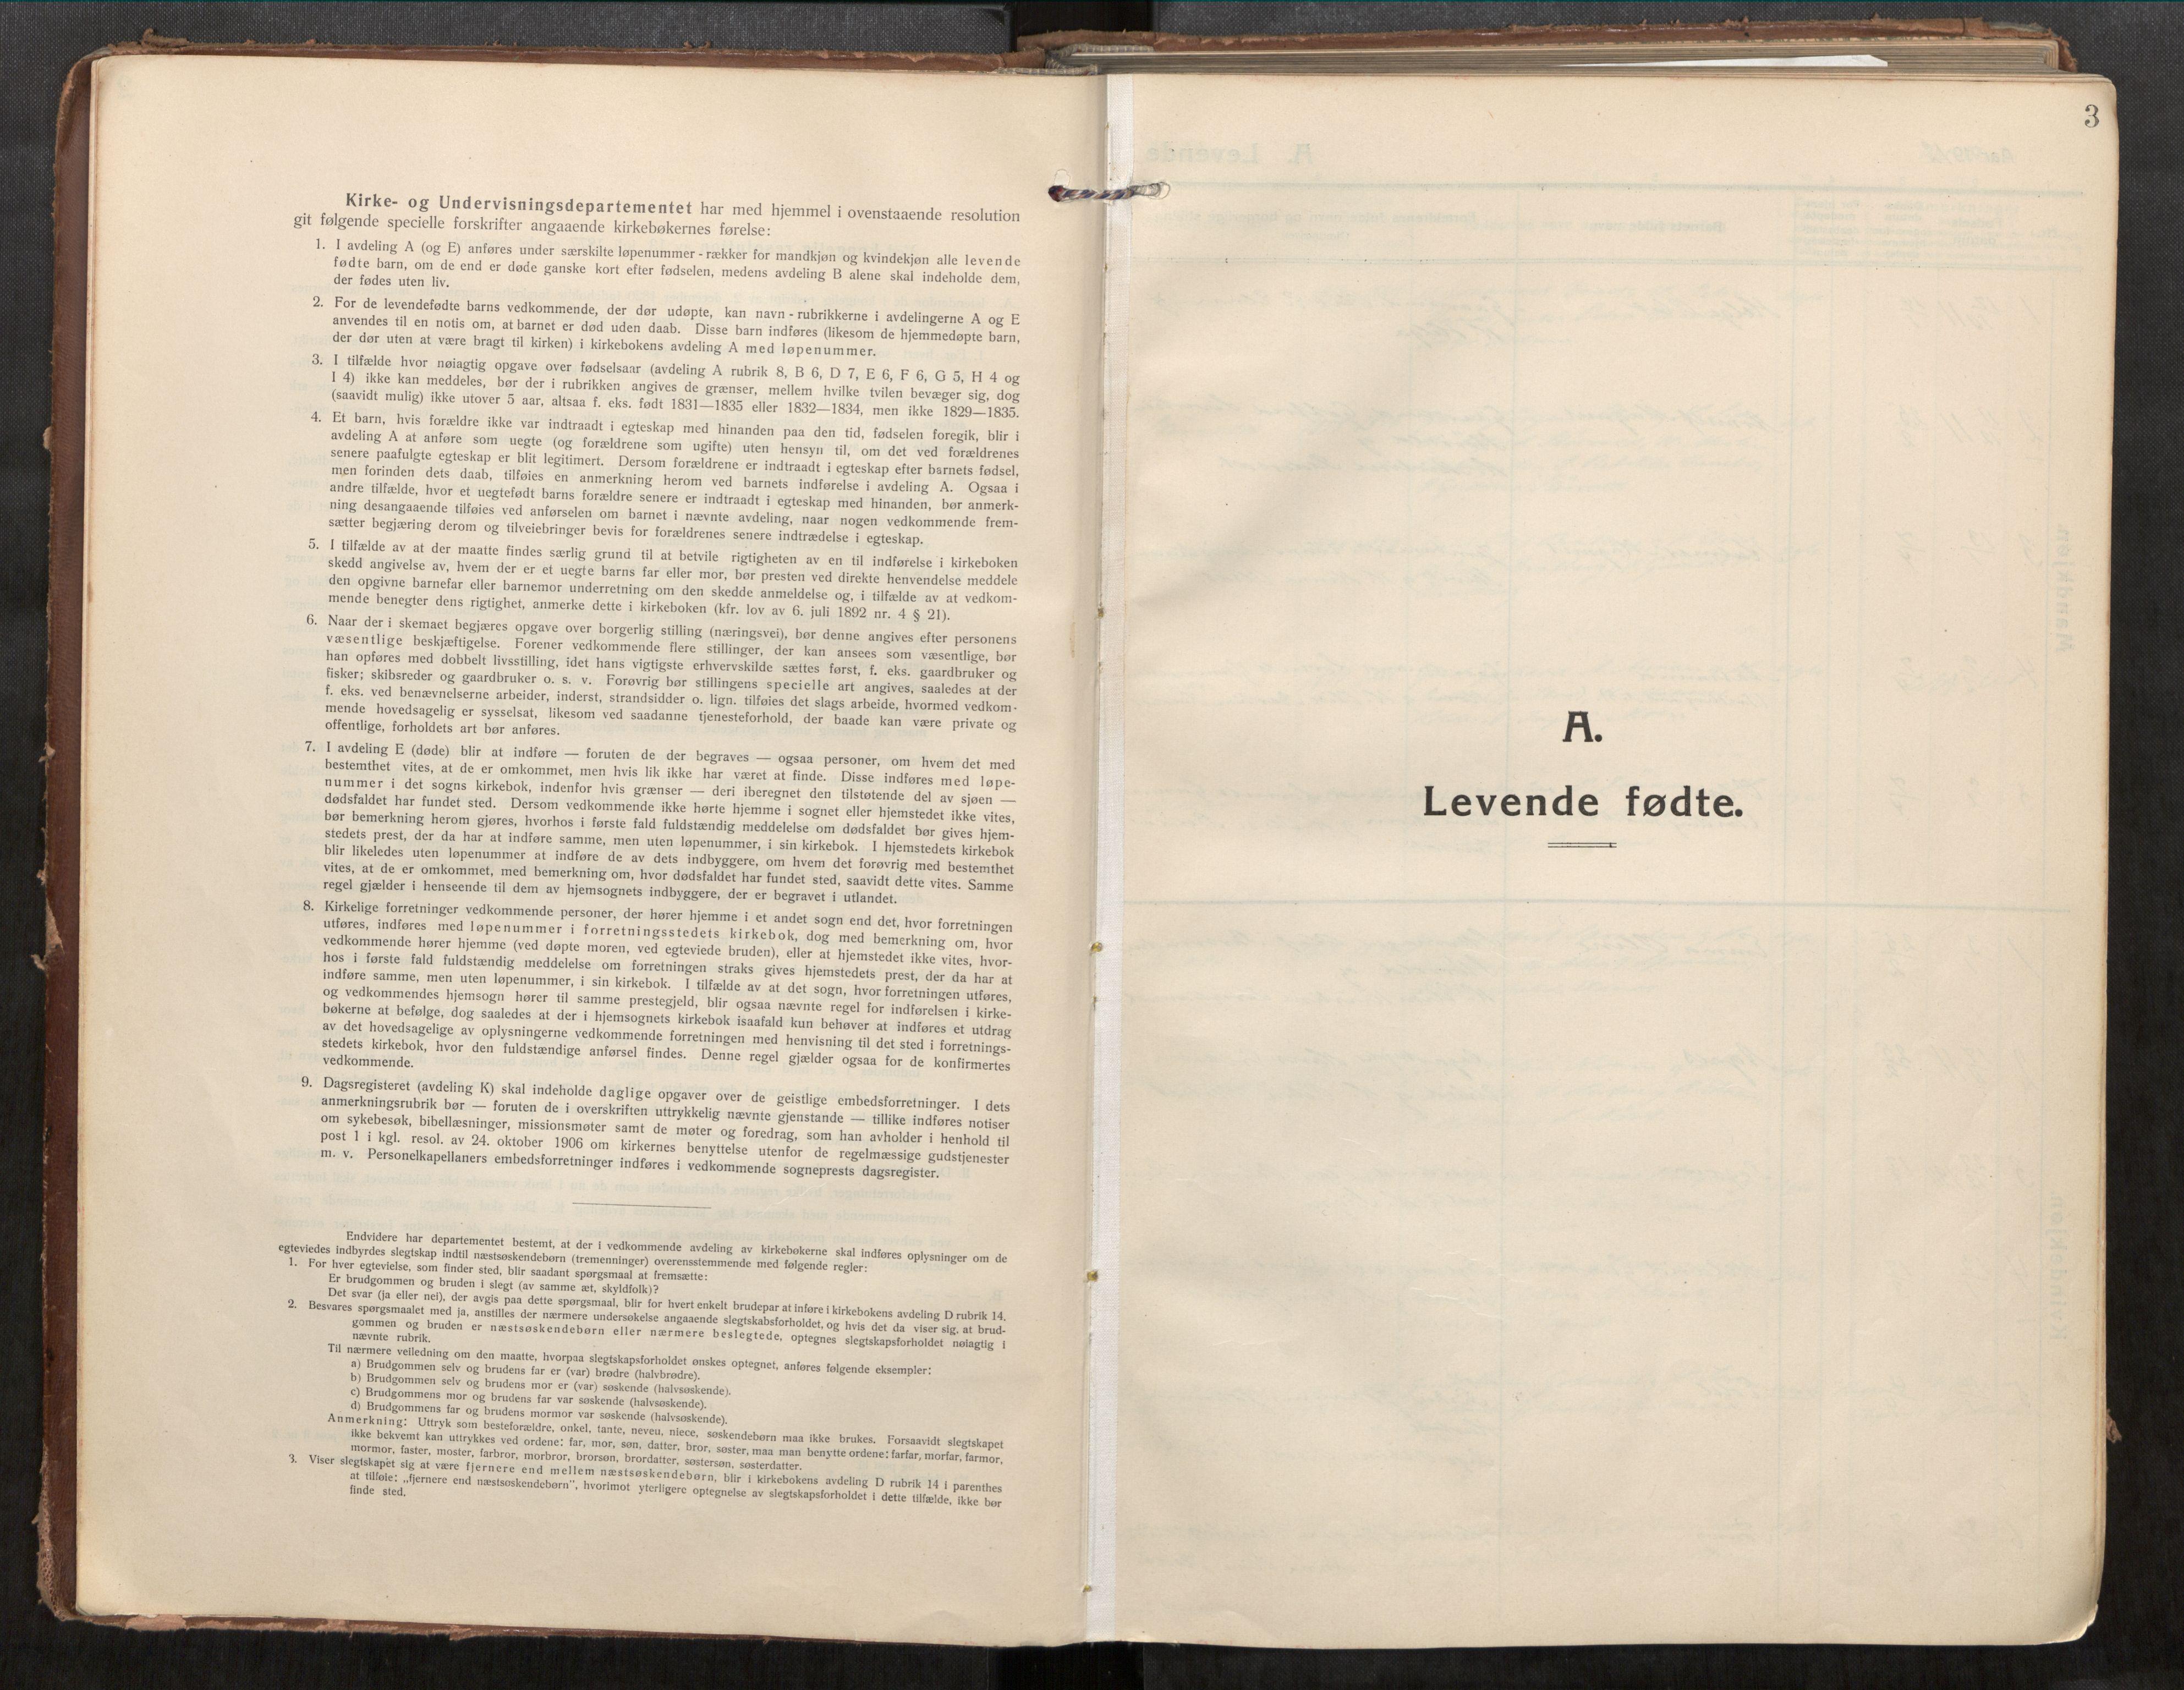 SAT, Beitstad sokneprestkontor, I/I1/I1a/L0001: Ministerialbok nr. 1, 1912-1927, s. 3